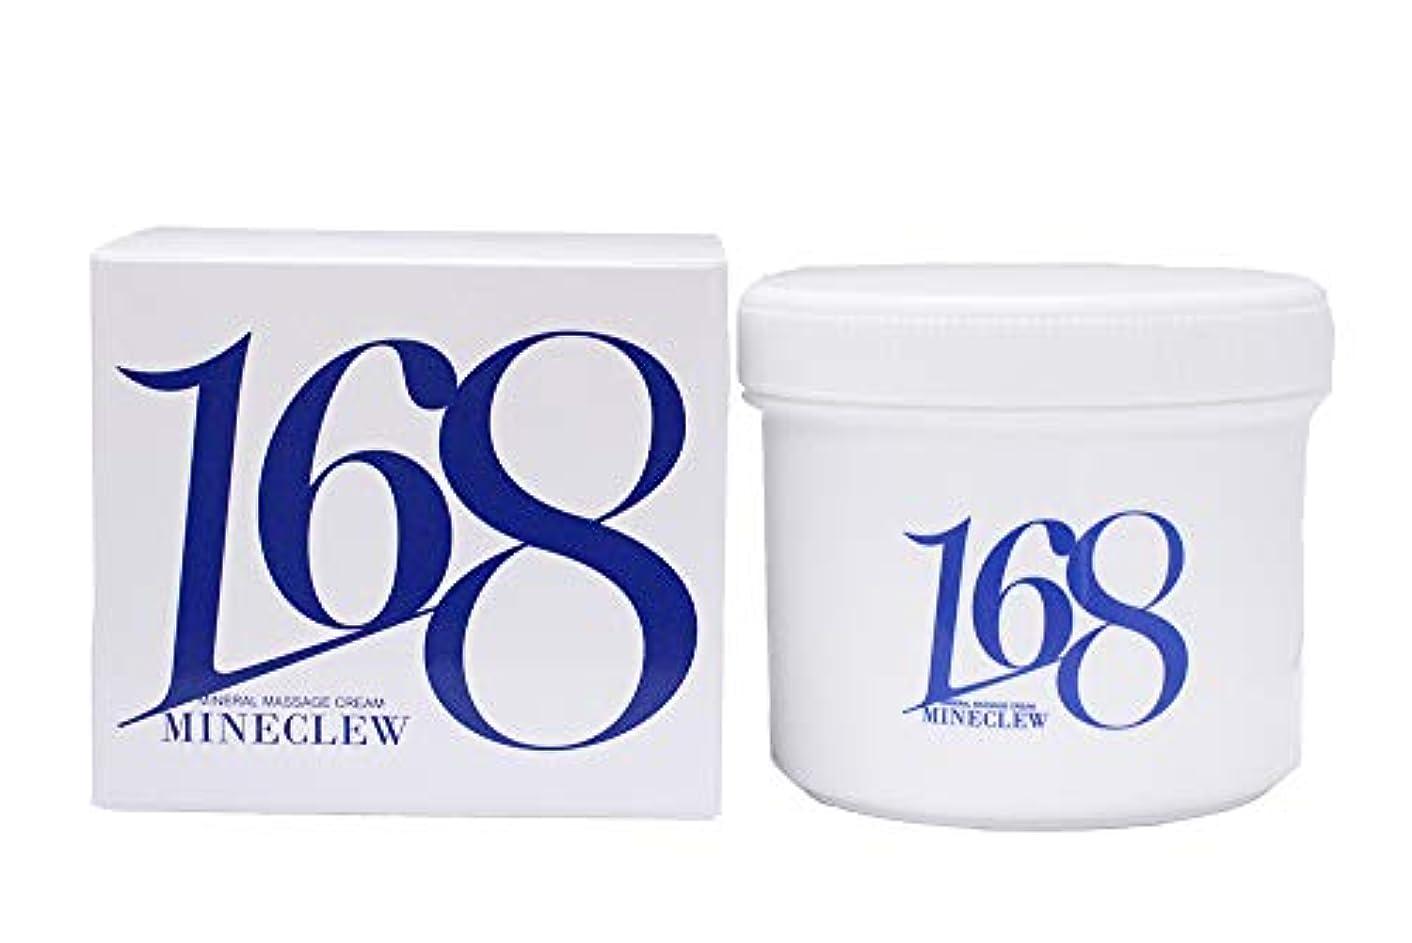 修正暖かさ名声MINECLEW168 (ミネクル168) ミネラルマッサージクリーム 350g 【大容量】